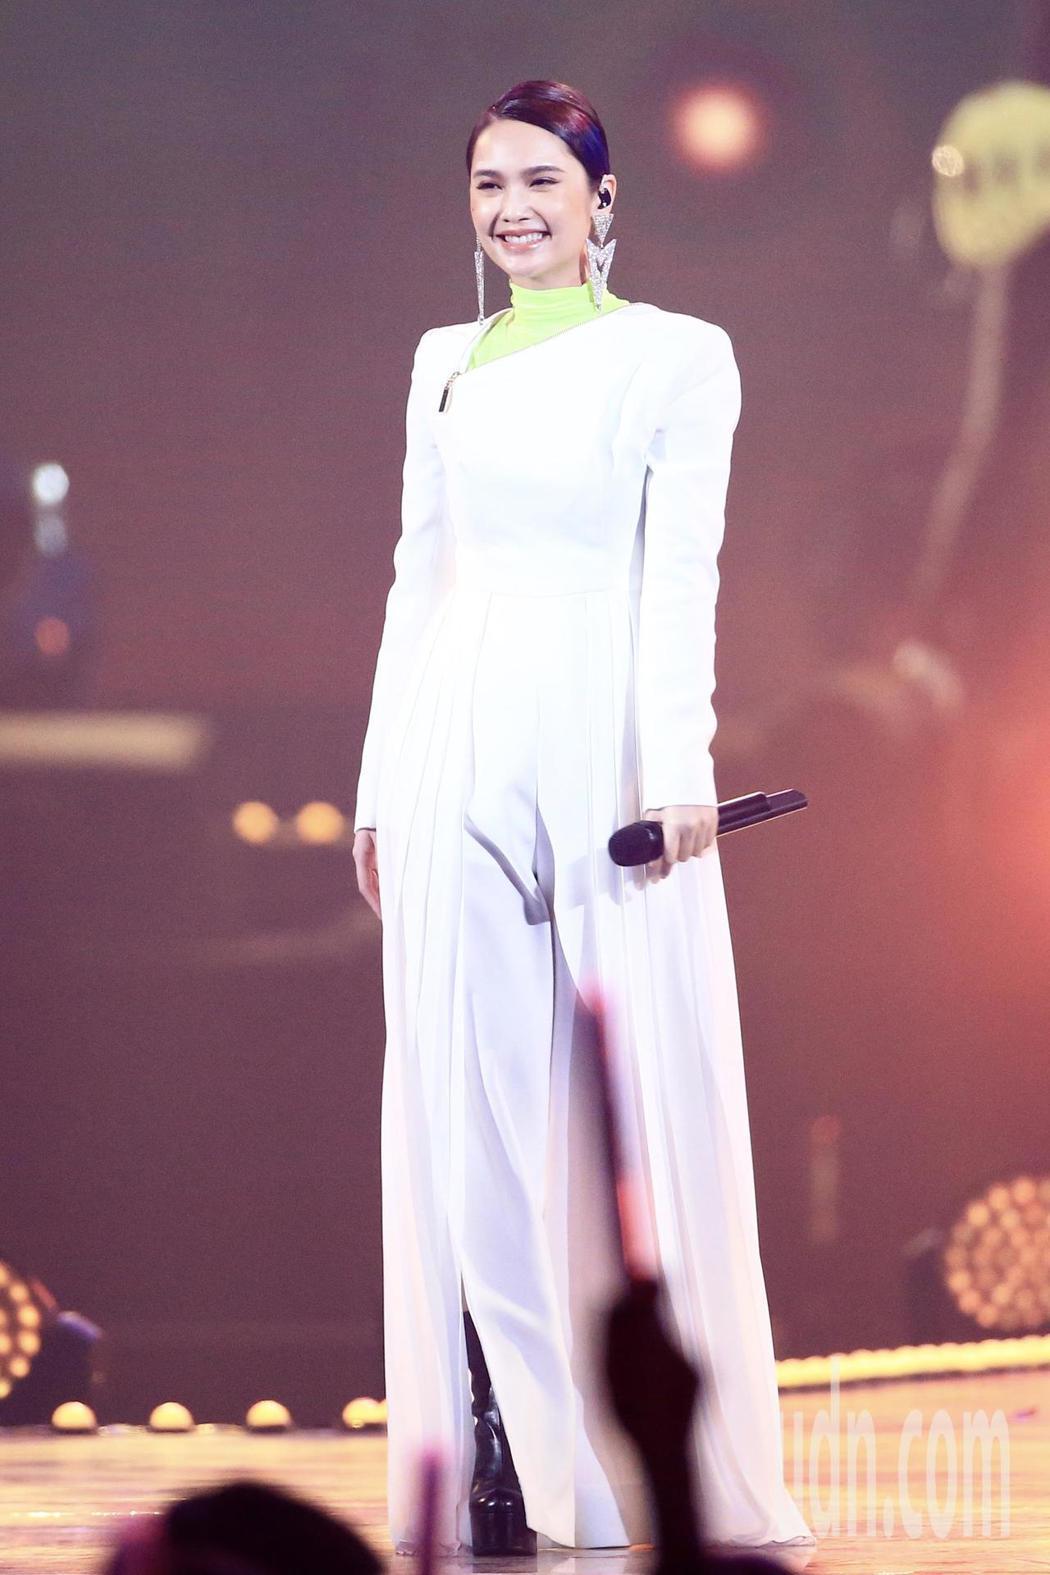 第15屆KKBOX風雲榜頒獎典禮,表演嘉賓楊丞琳演唱。記者林伯東/攝影